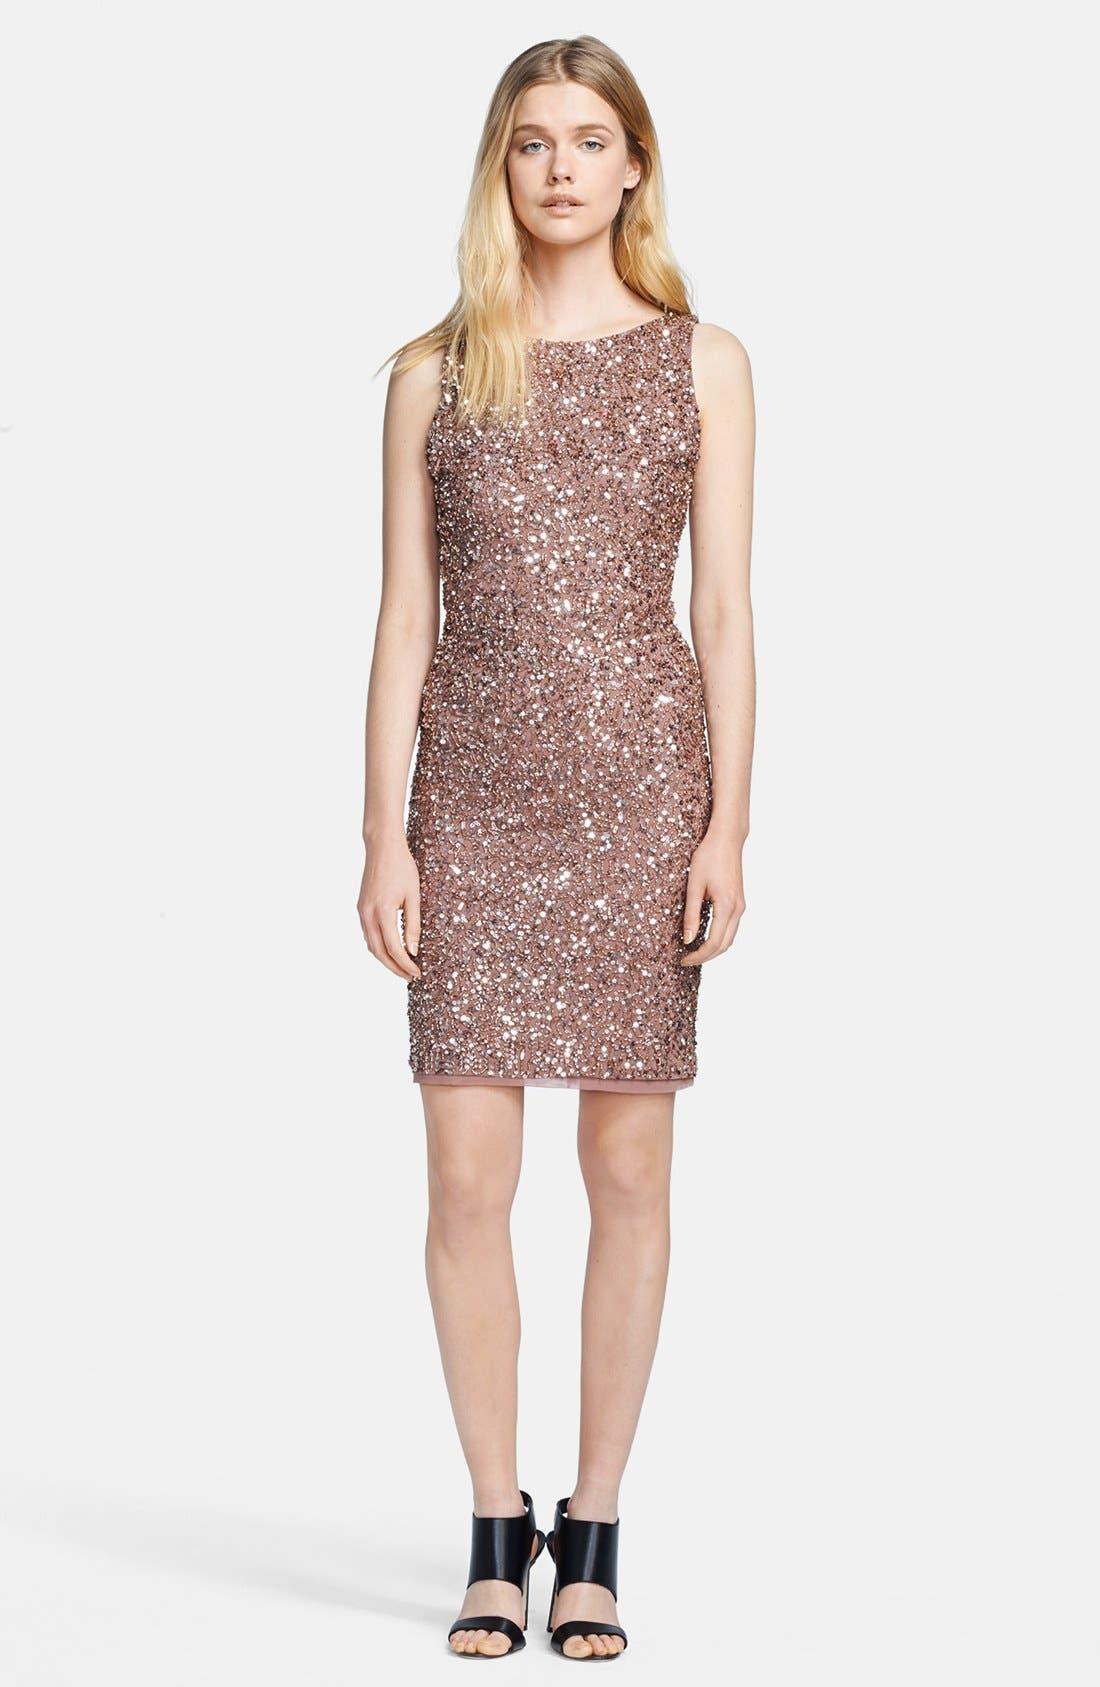 Alternate Image 1 Selected - Alice + Olivia 'Kimber' Sleeveless Bead Embellished Dress